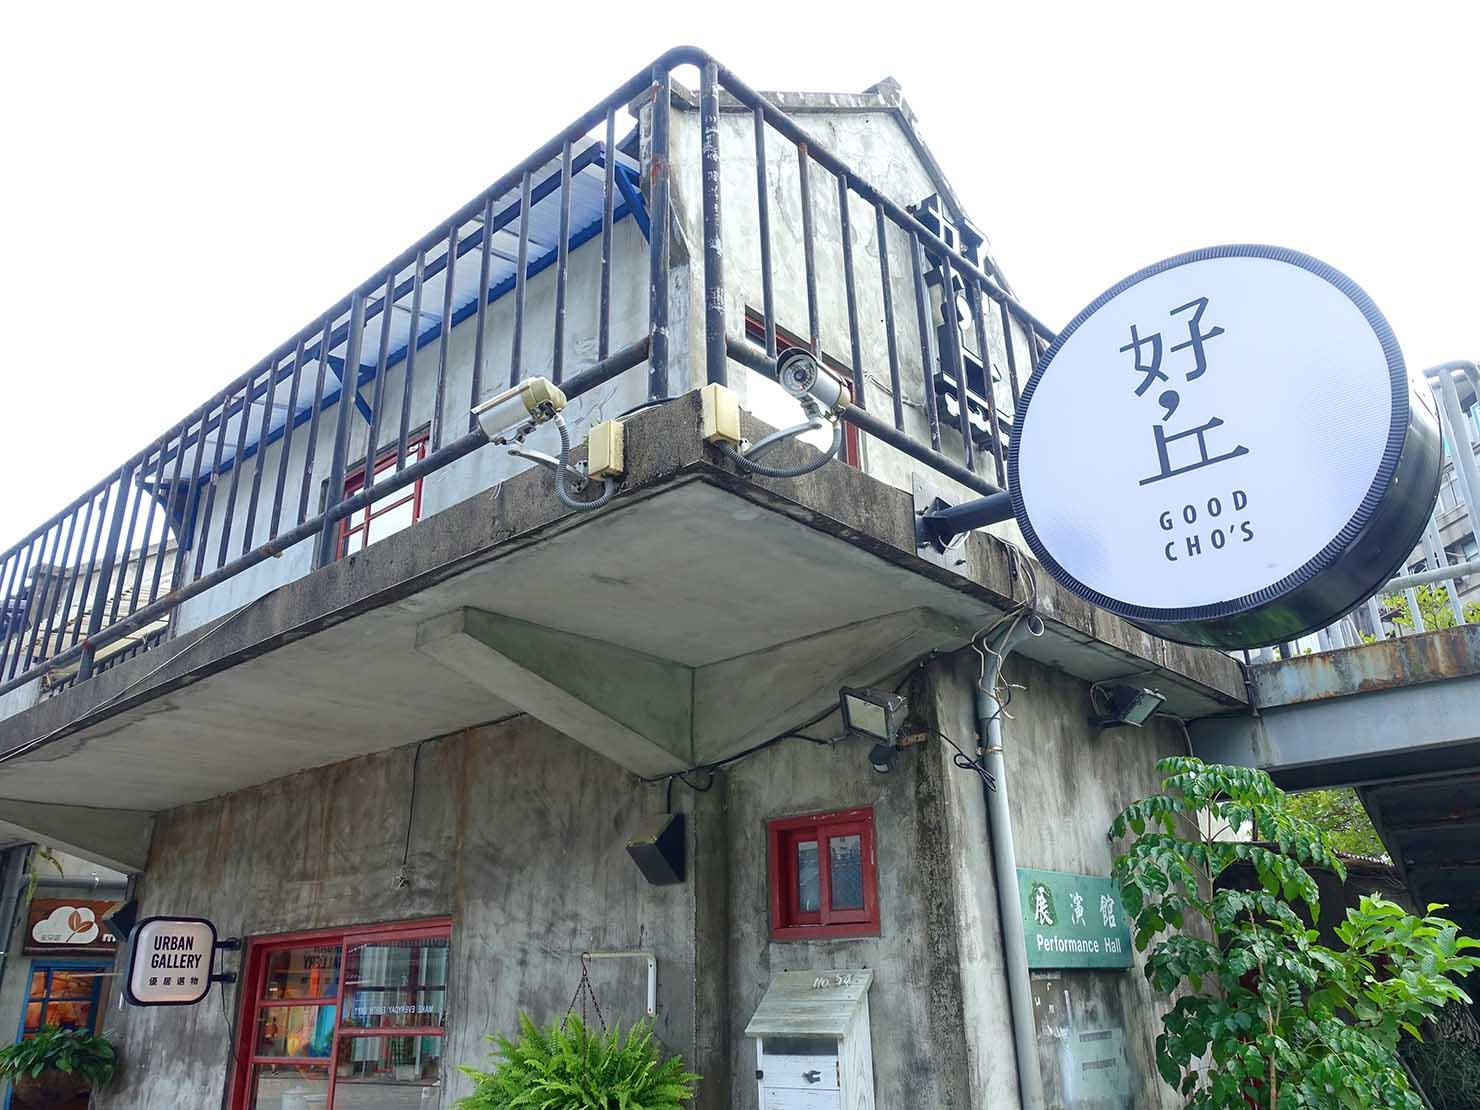 台北101エリアでのおみやげ探しにおすすめのショップ「好丘 Good Cho's」の外観